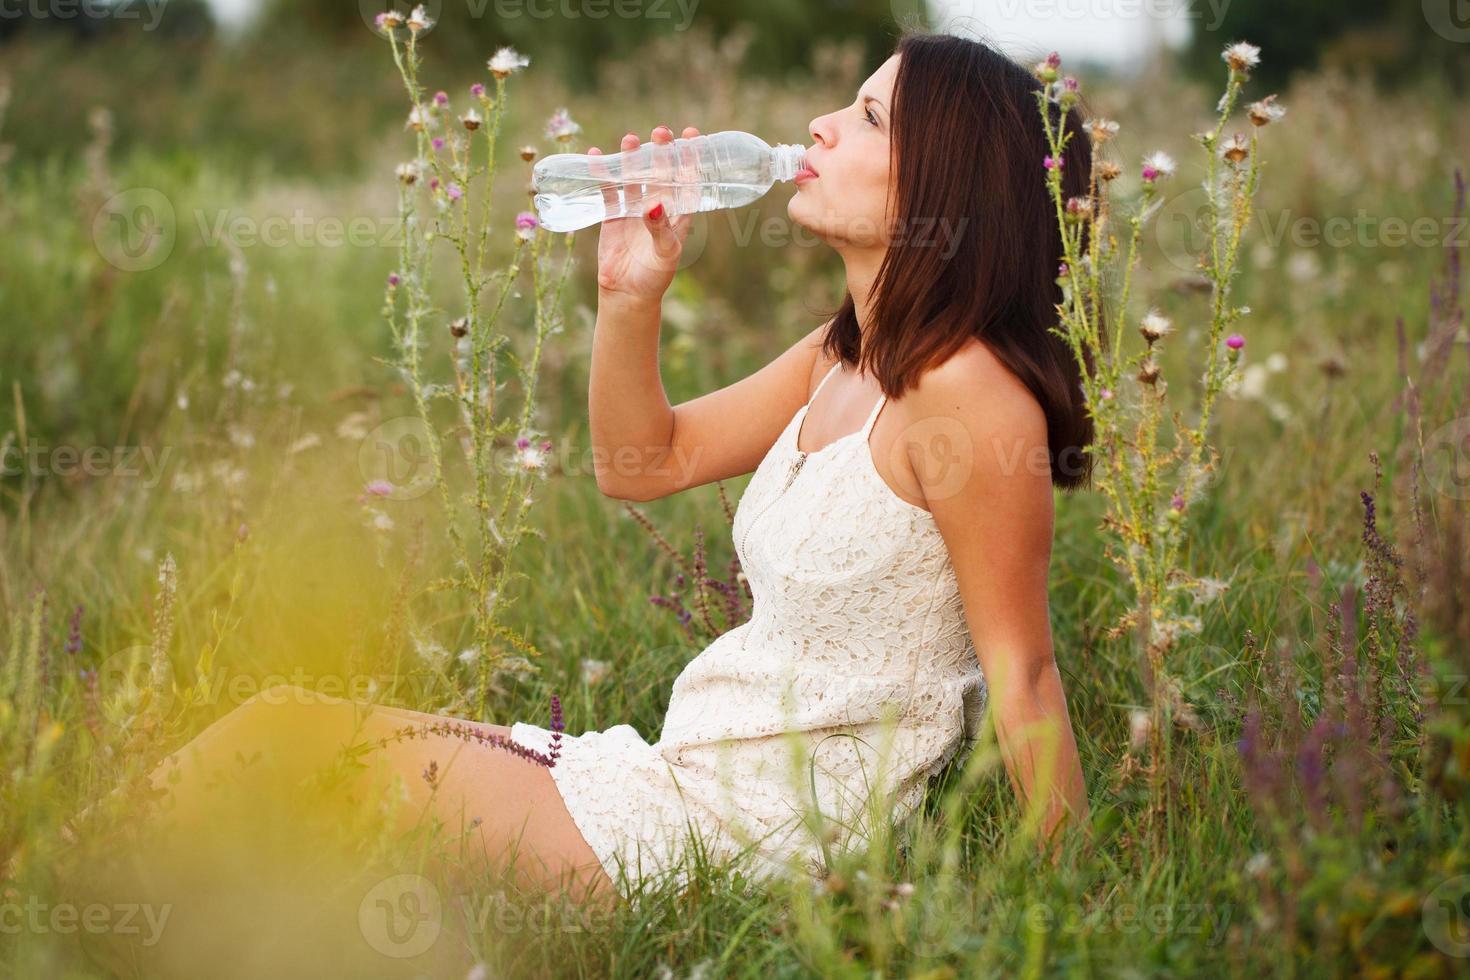 mujer joven, agua potable foto